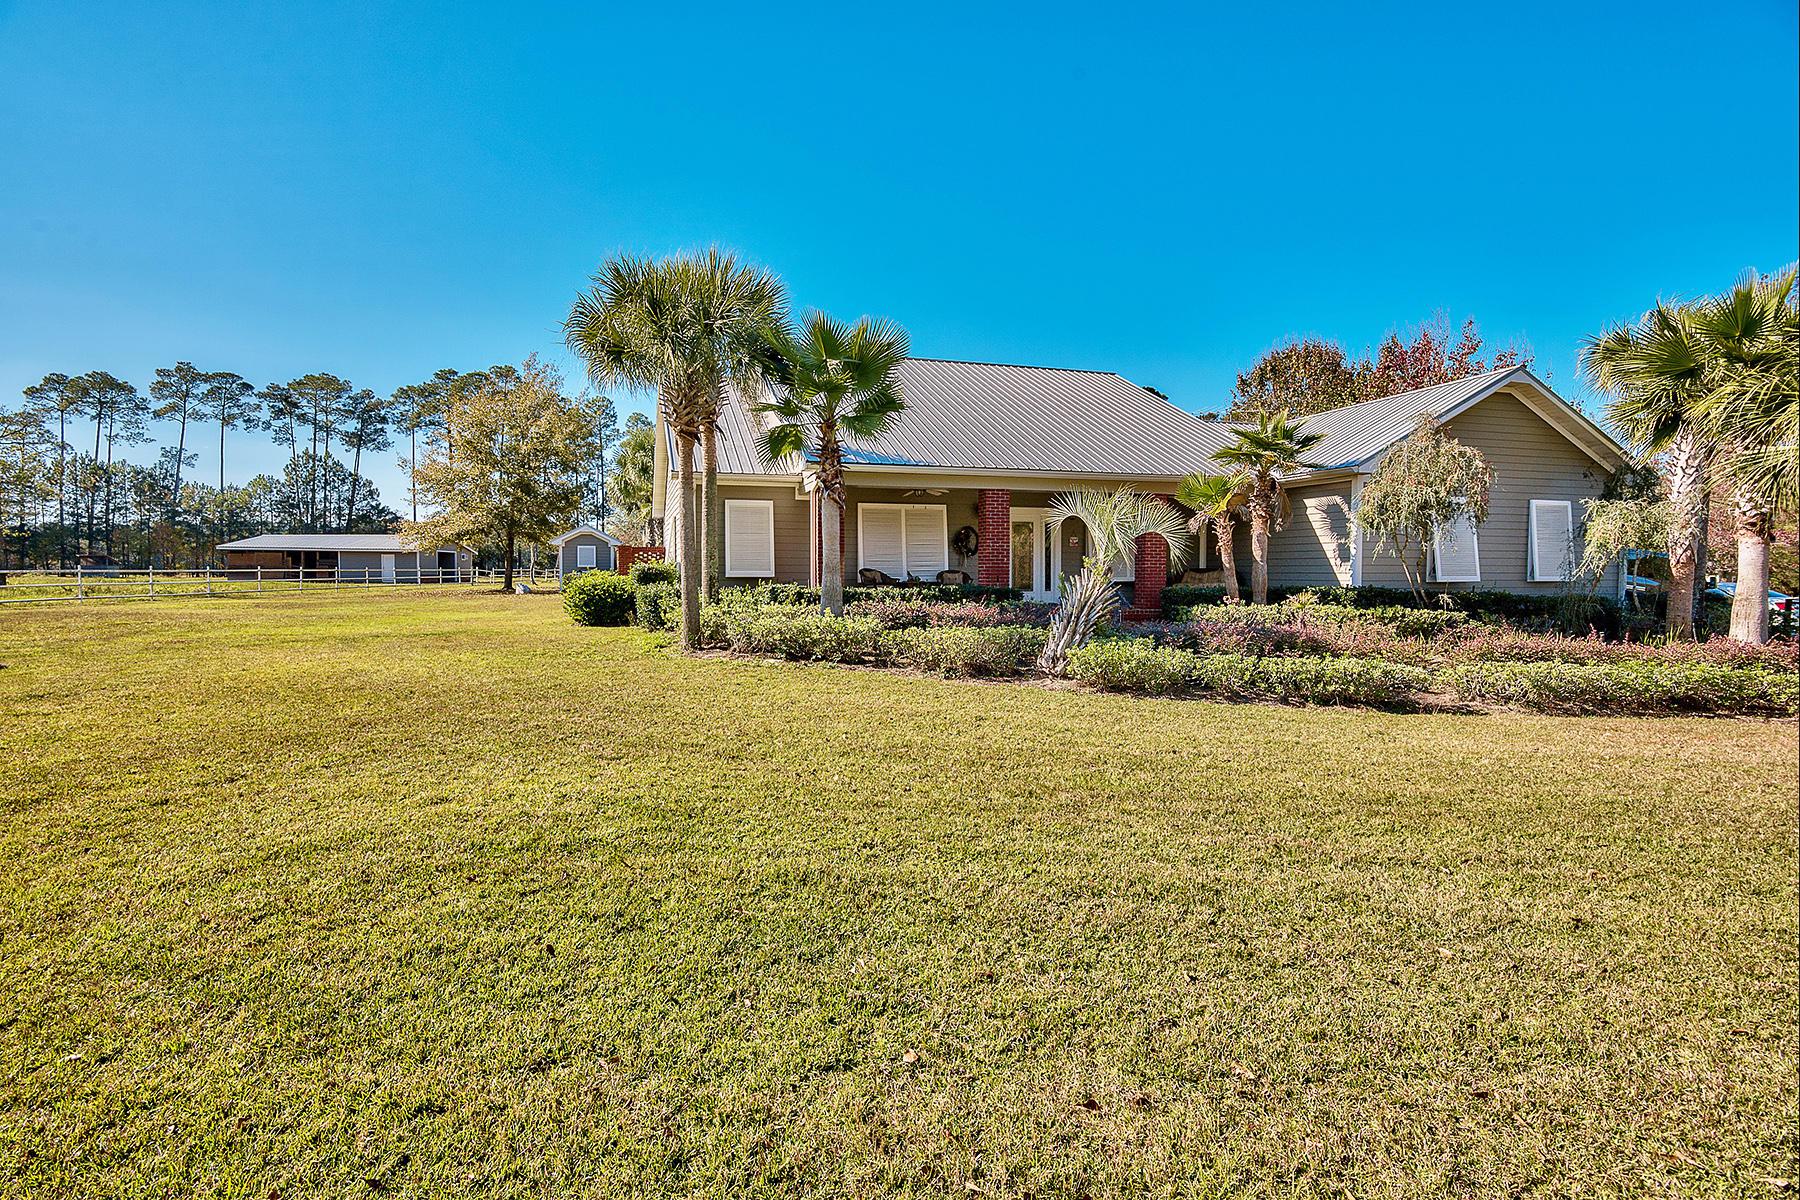 Villa per Vendita alle ore EQUESTRIAN ESTATE WITH WATERFRONT ACCESS 356 Whitfield Road Freeport, Florida, 32439 Stati Uniti